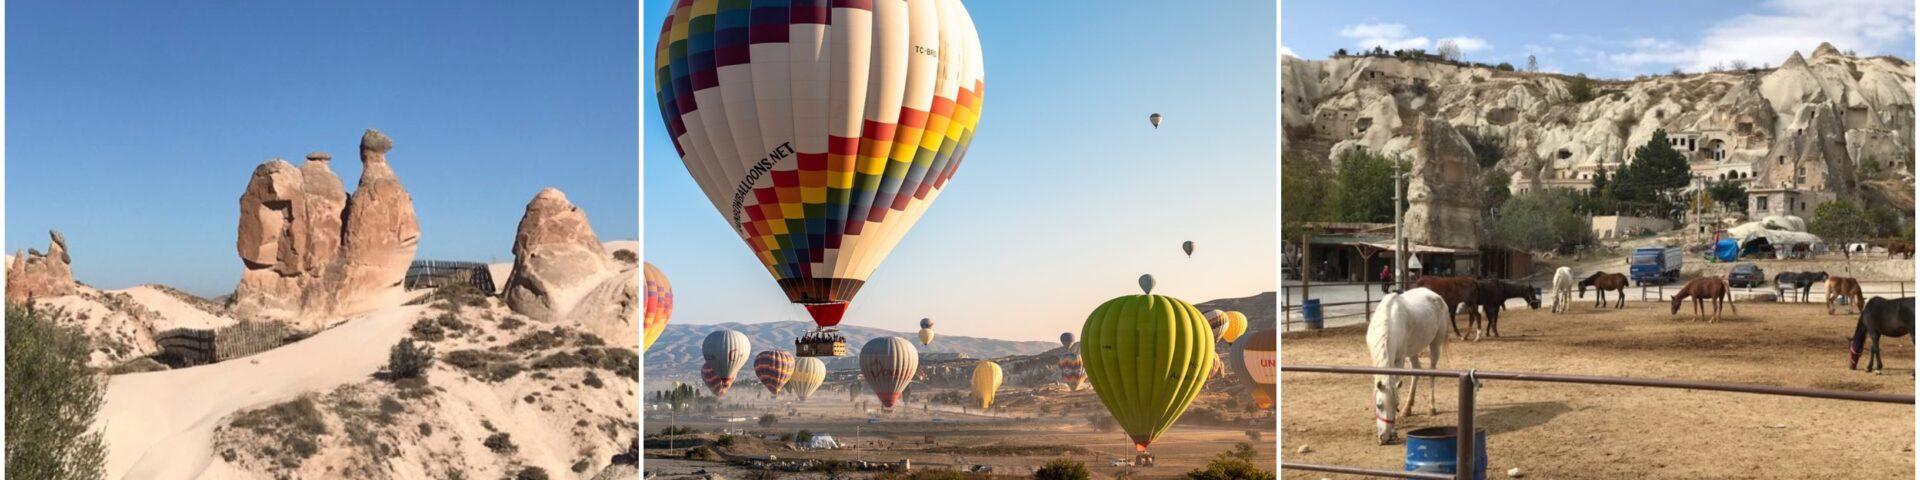 Børnevenlige oplevelser i kappadokien, børnevenlige oplevelser i cappadocia, oplevelser for børn i kappadokien, oplevelser for børn i cappadocia, oplev kappadokien med børn, er kappadokien børnevenligt,